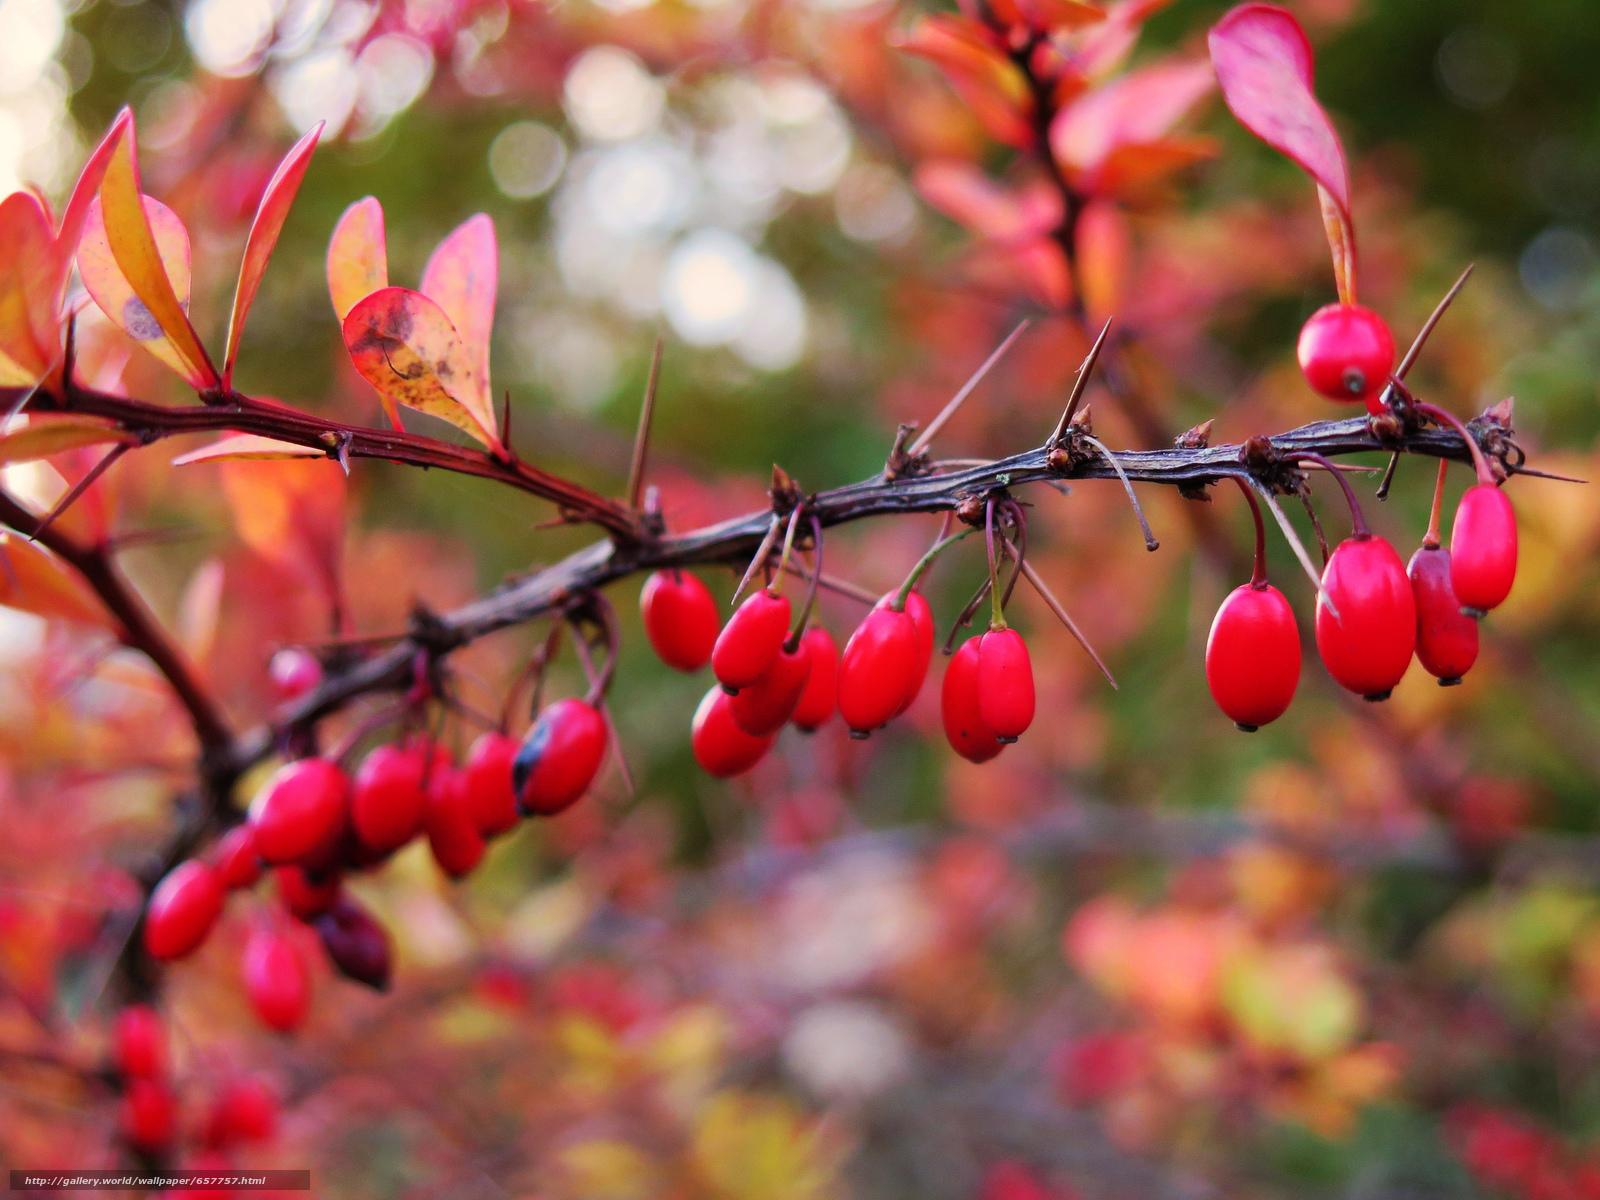 Скачать обои ветка,  ягоды,  плоды,  листья бесплатно для рабочего стола в разрешении 2048x1536 — картинка №657757